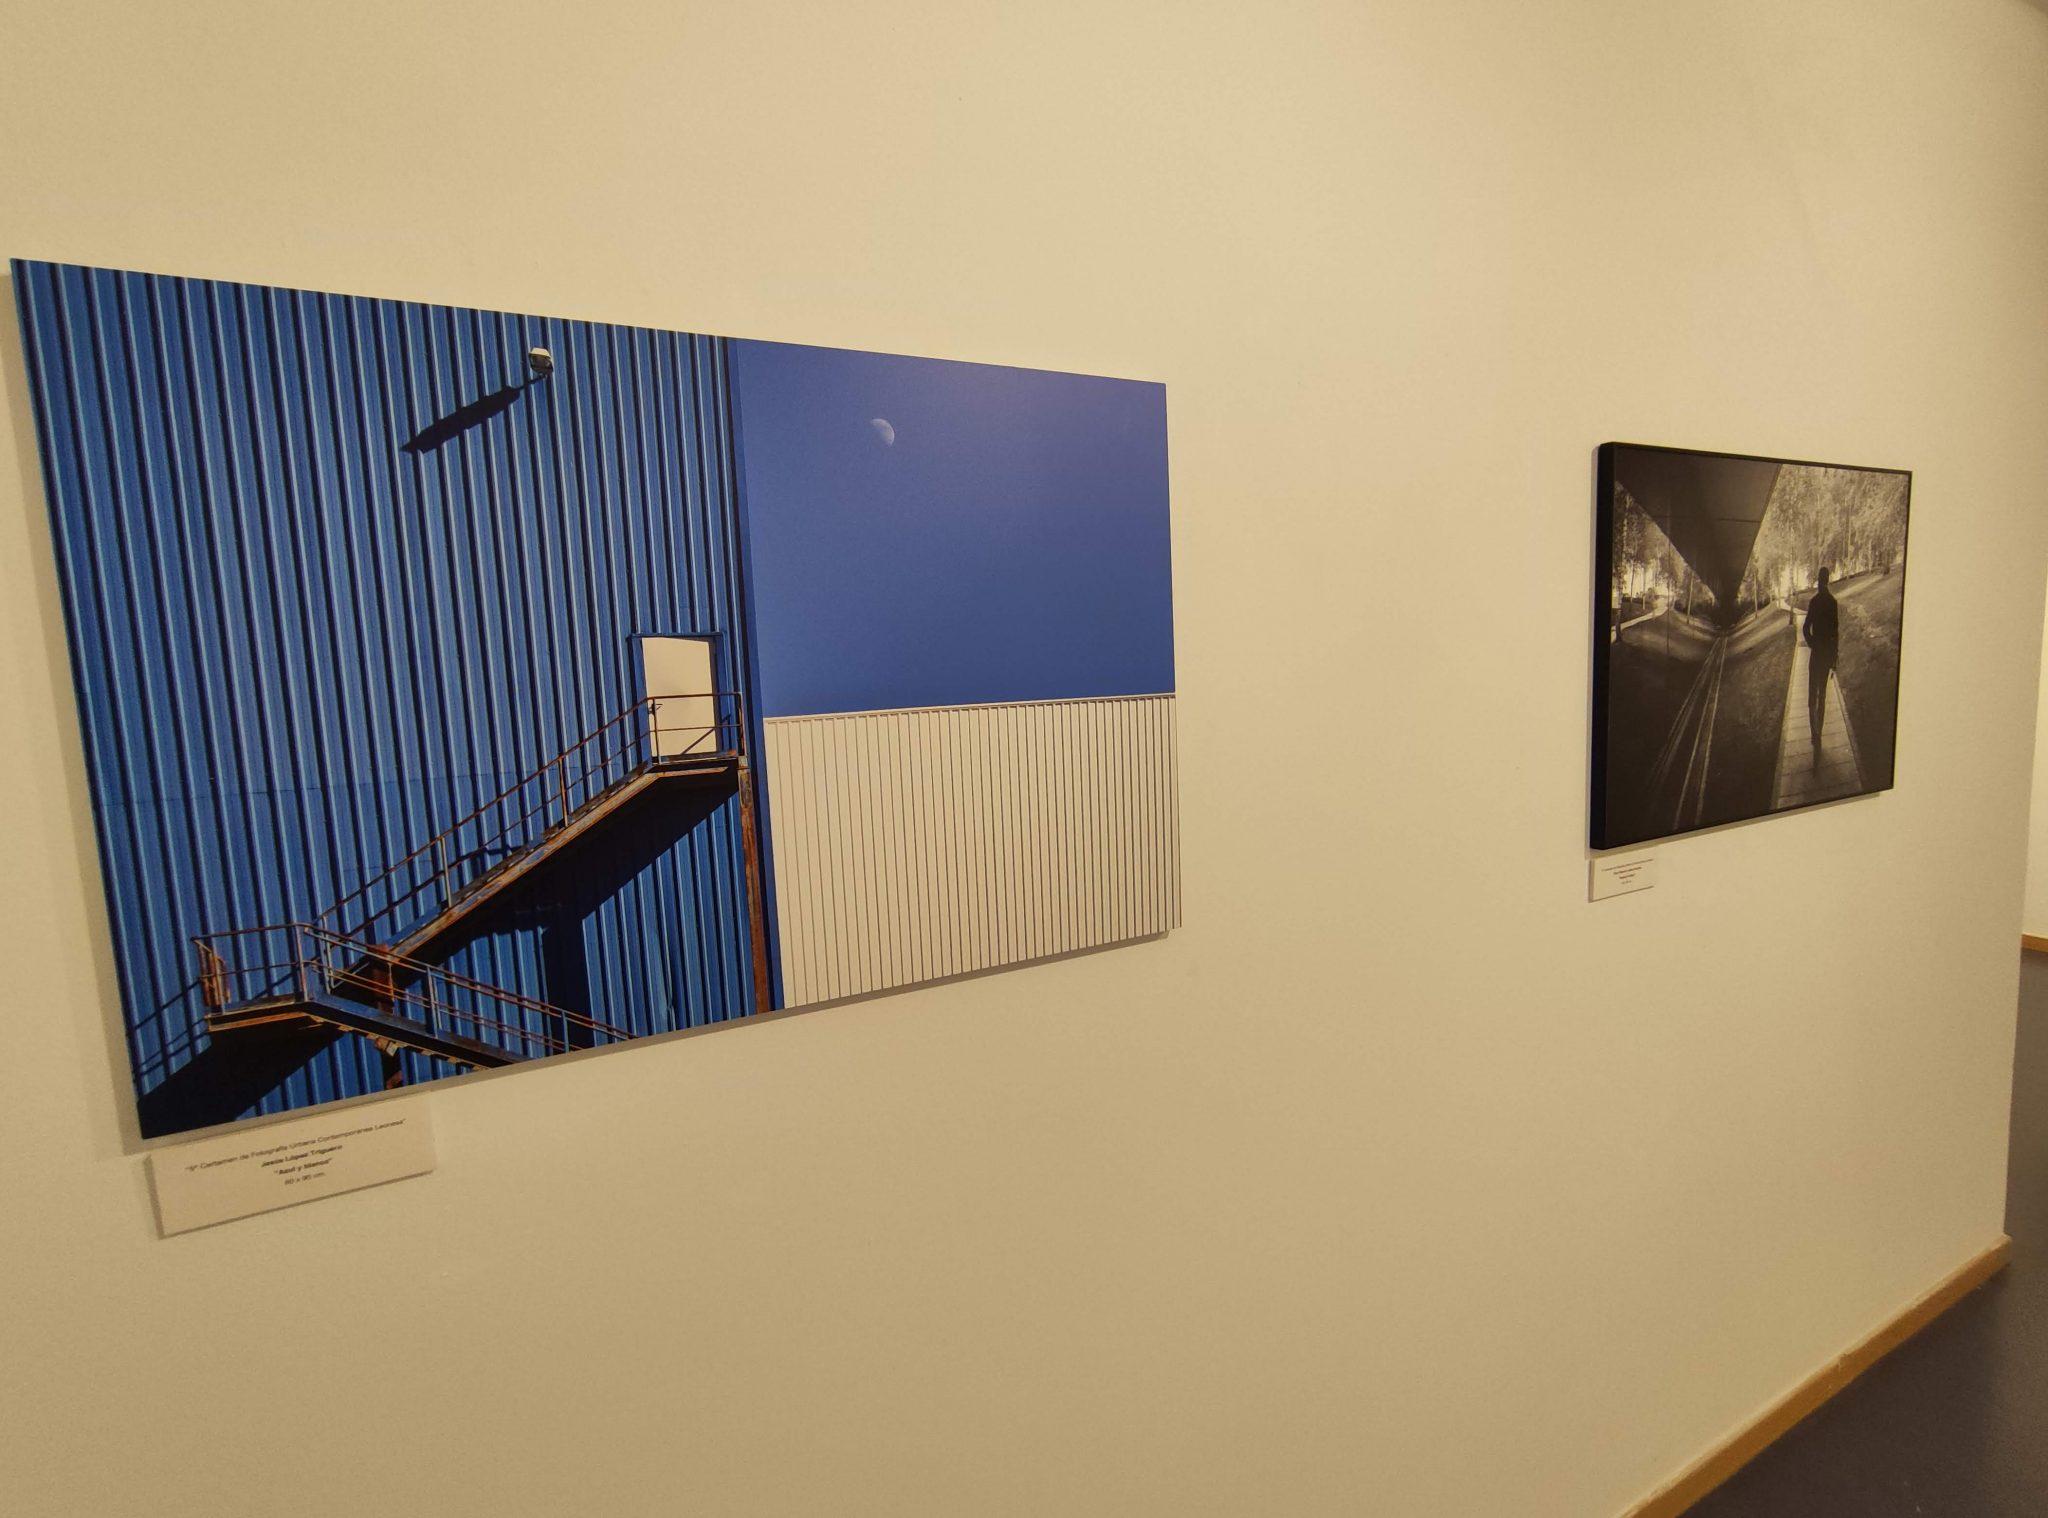 Inaugurada la exposición de obras del '5º Certamen de fotografía urbana contemporánea leonesa' en el campus de Ponferrada 2